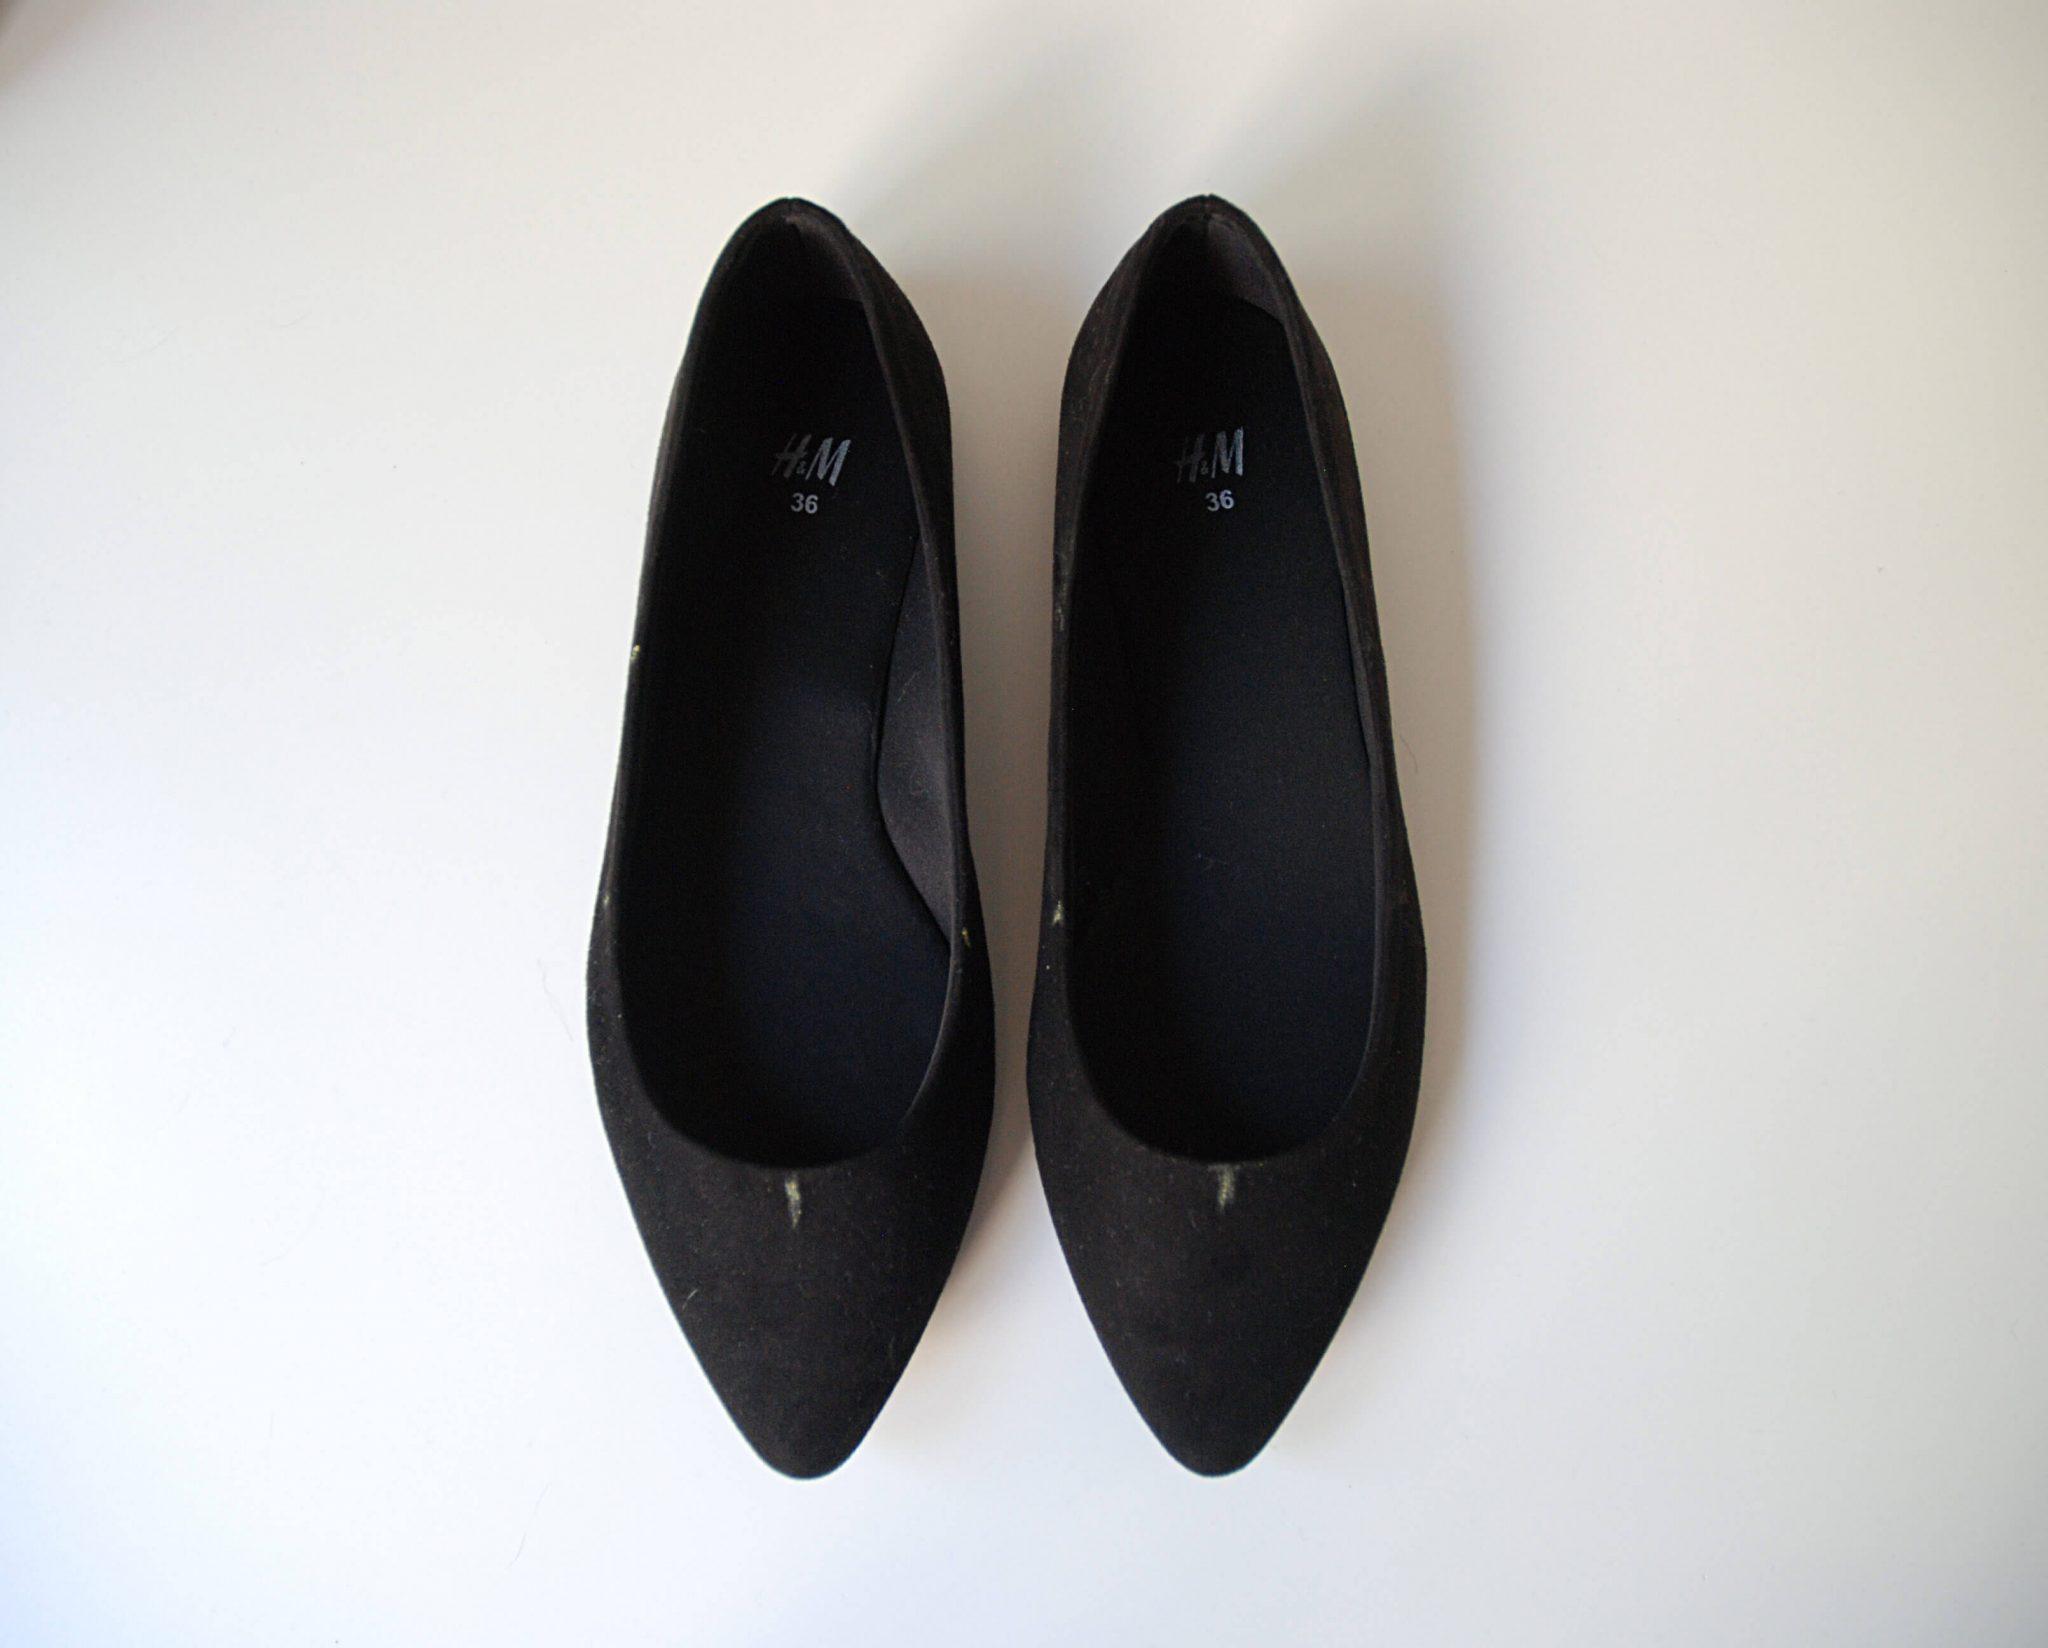 lace-up-shoes-diy